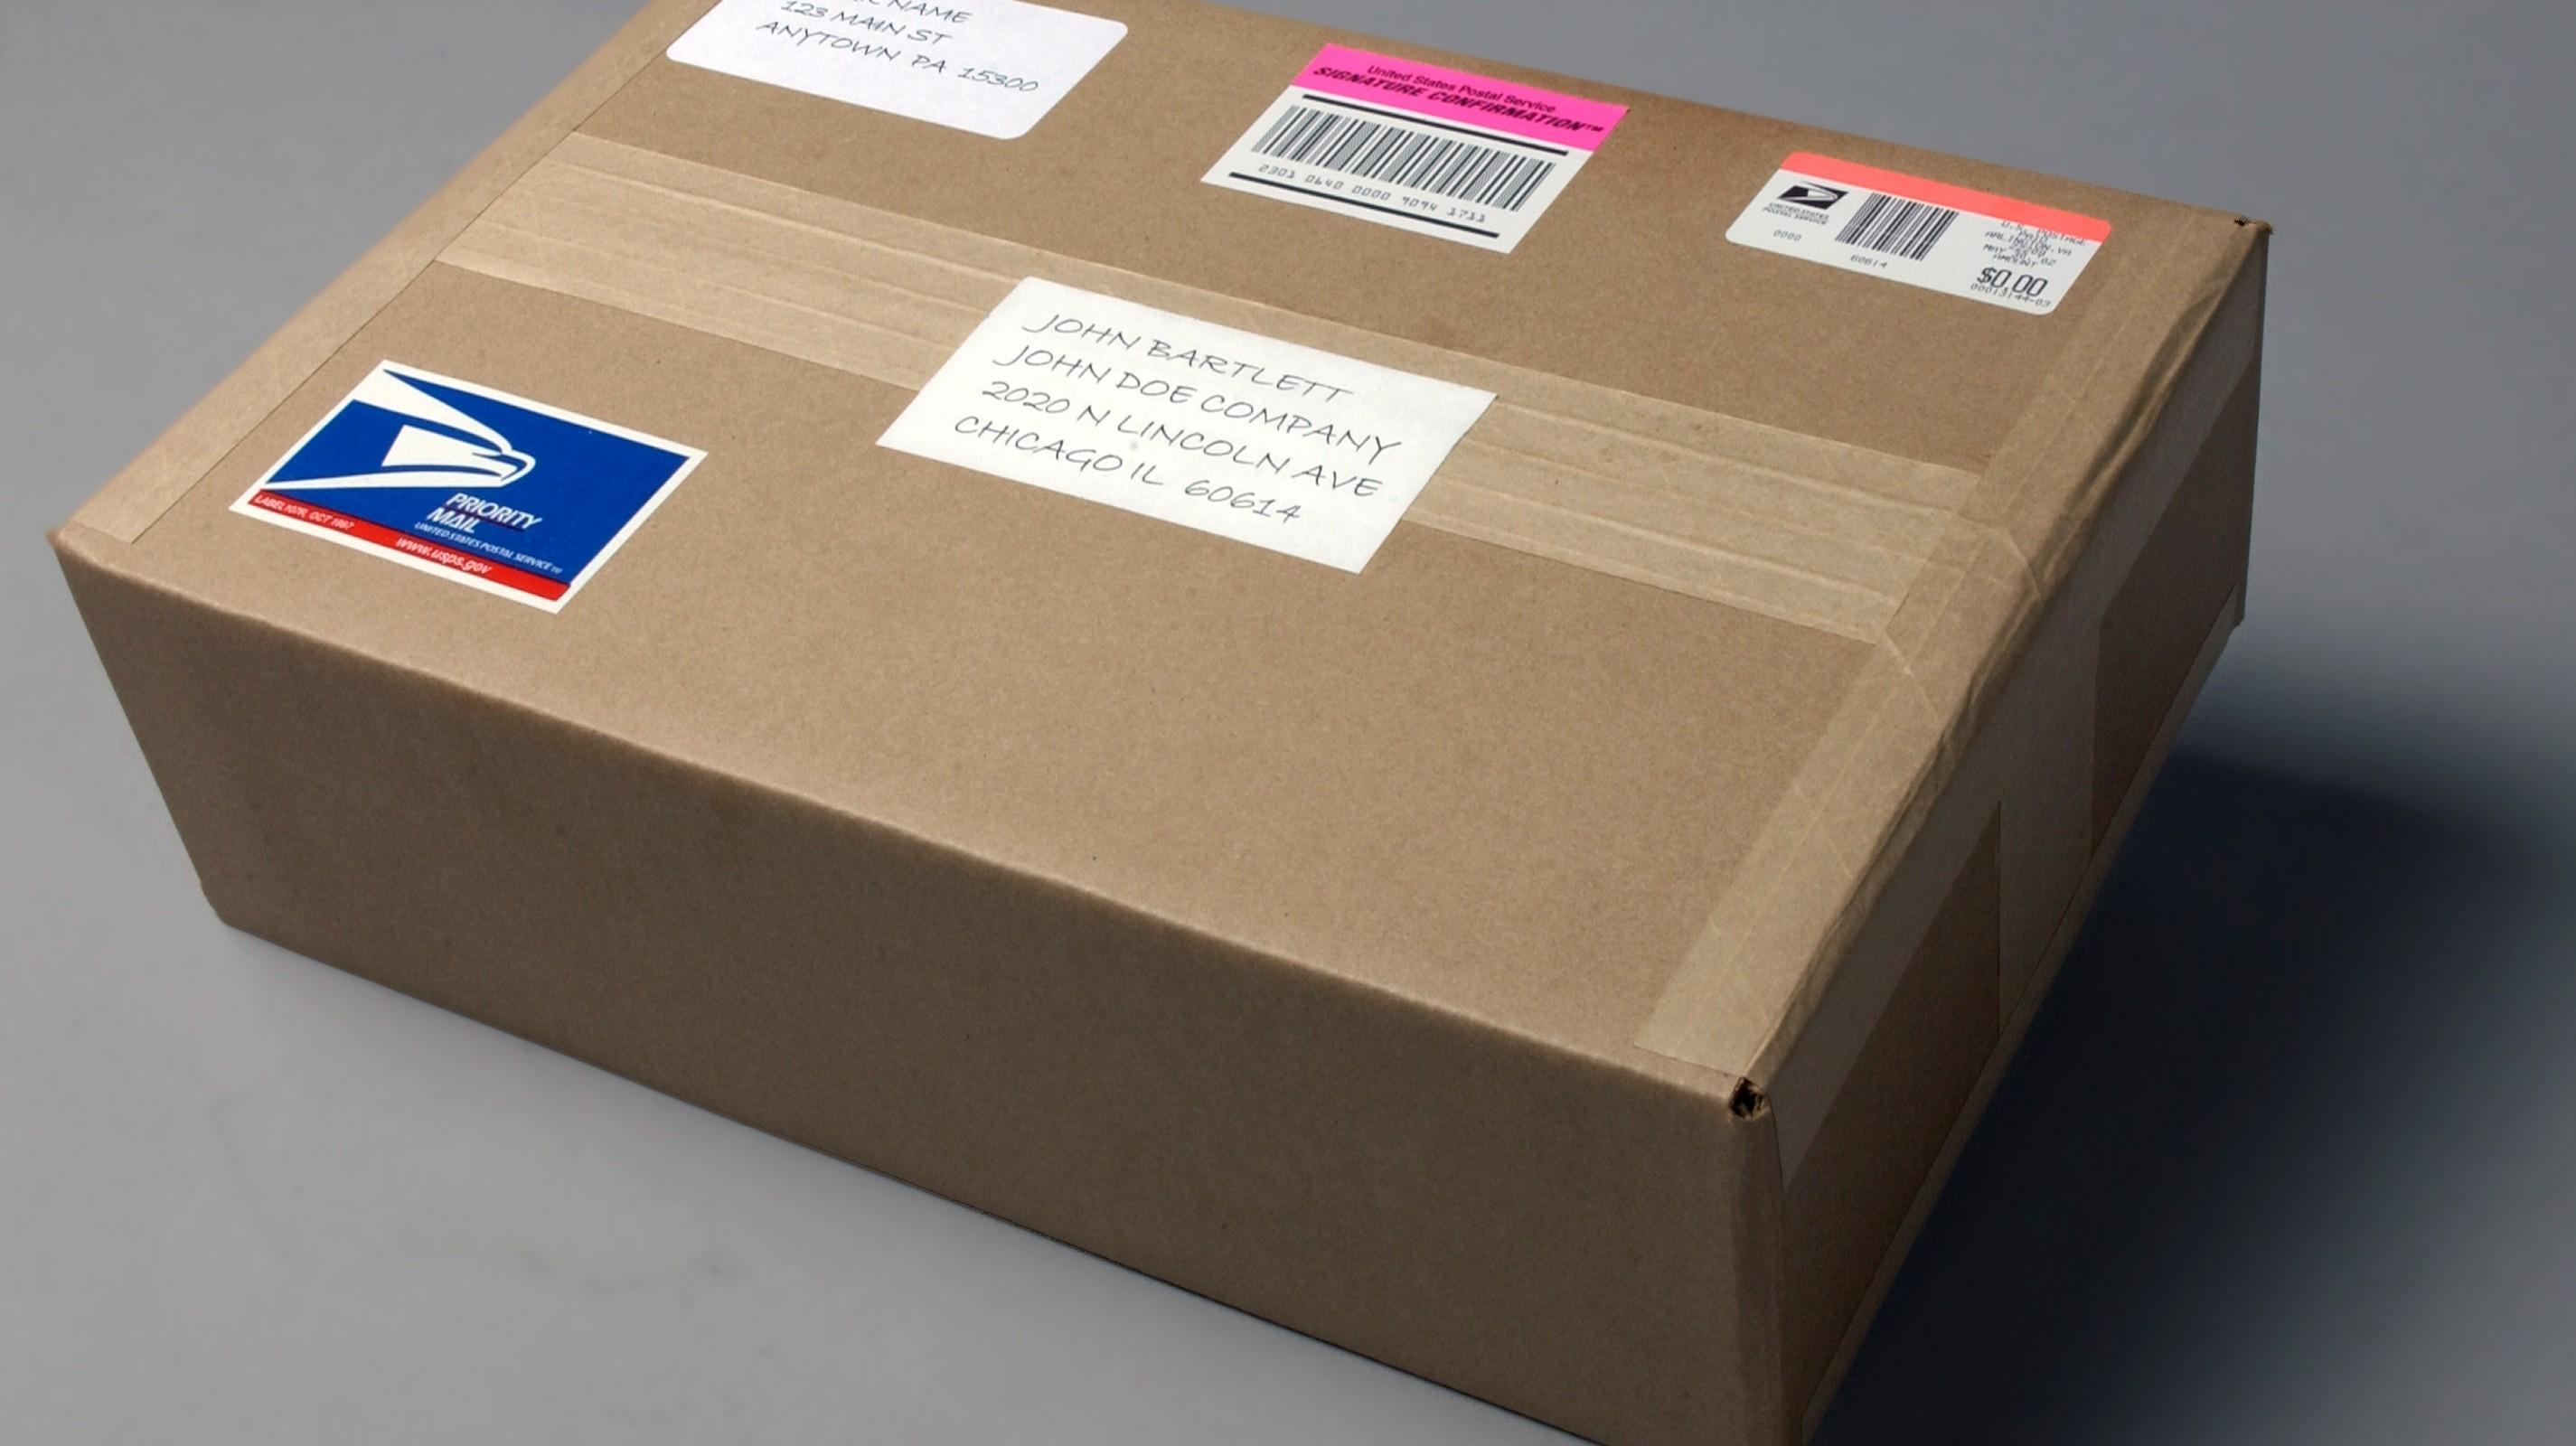 ANRCETI a aprobat şi publicat Ghidul pentru elaborarea procedurii privind soluţionarea reclamaţiilor utilizatorilor de servicii poştale